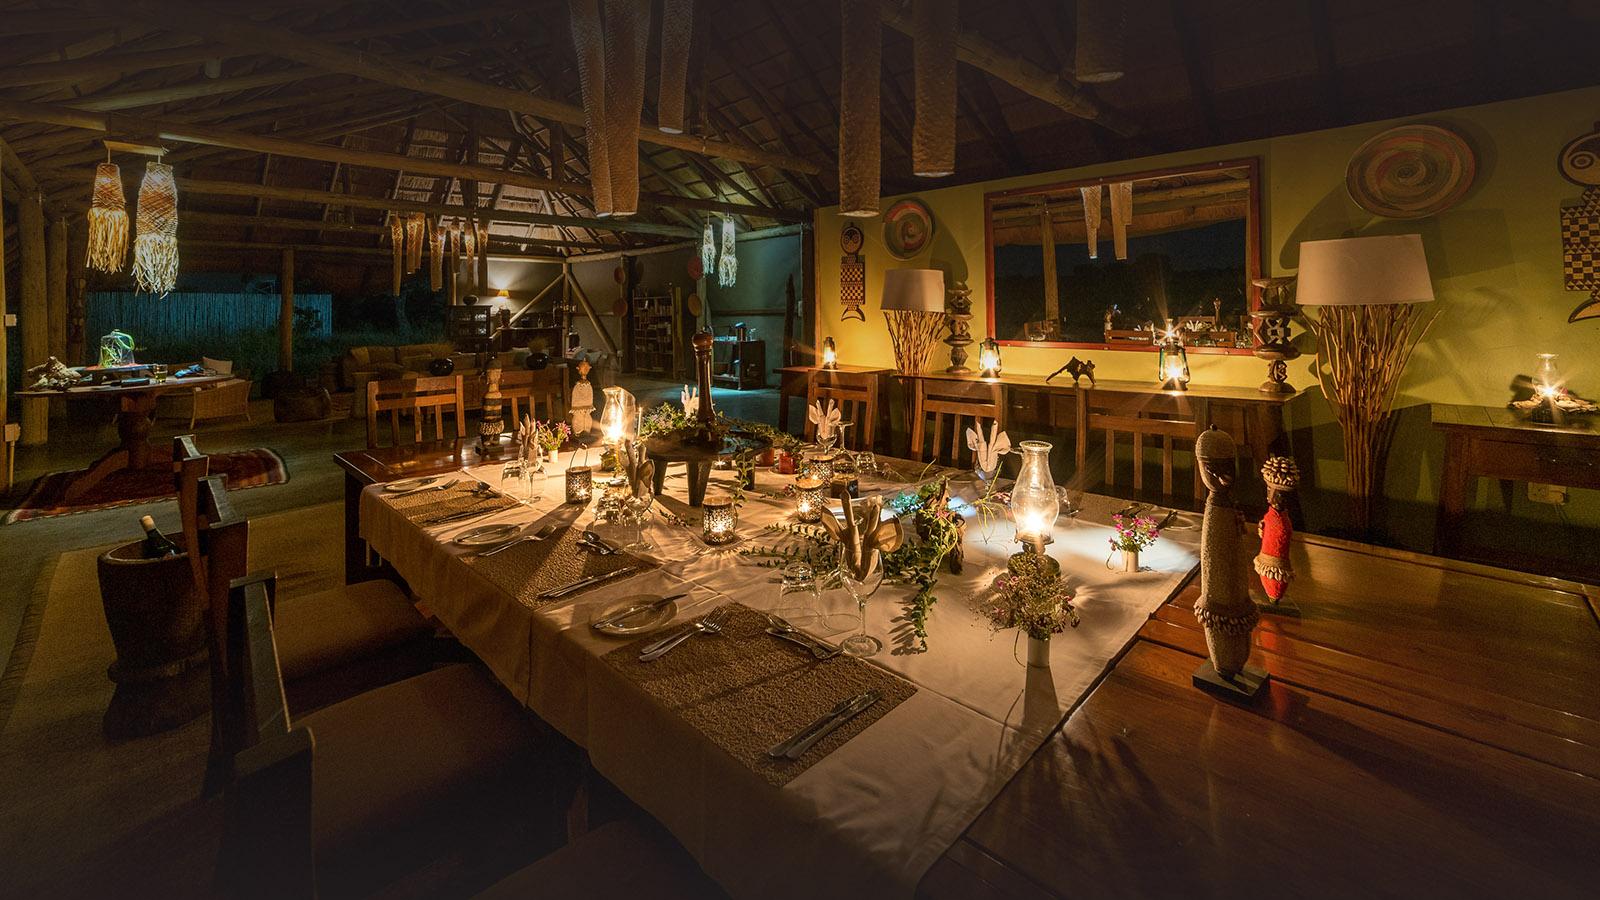 camp hwange hwange-national-park-zimbabwe-lodges-dining-room